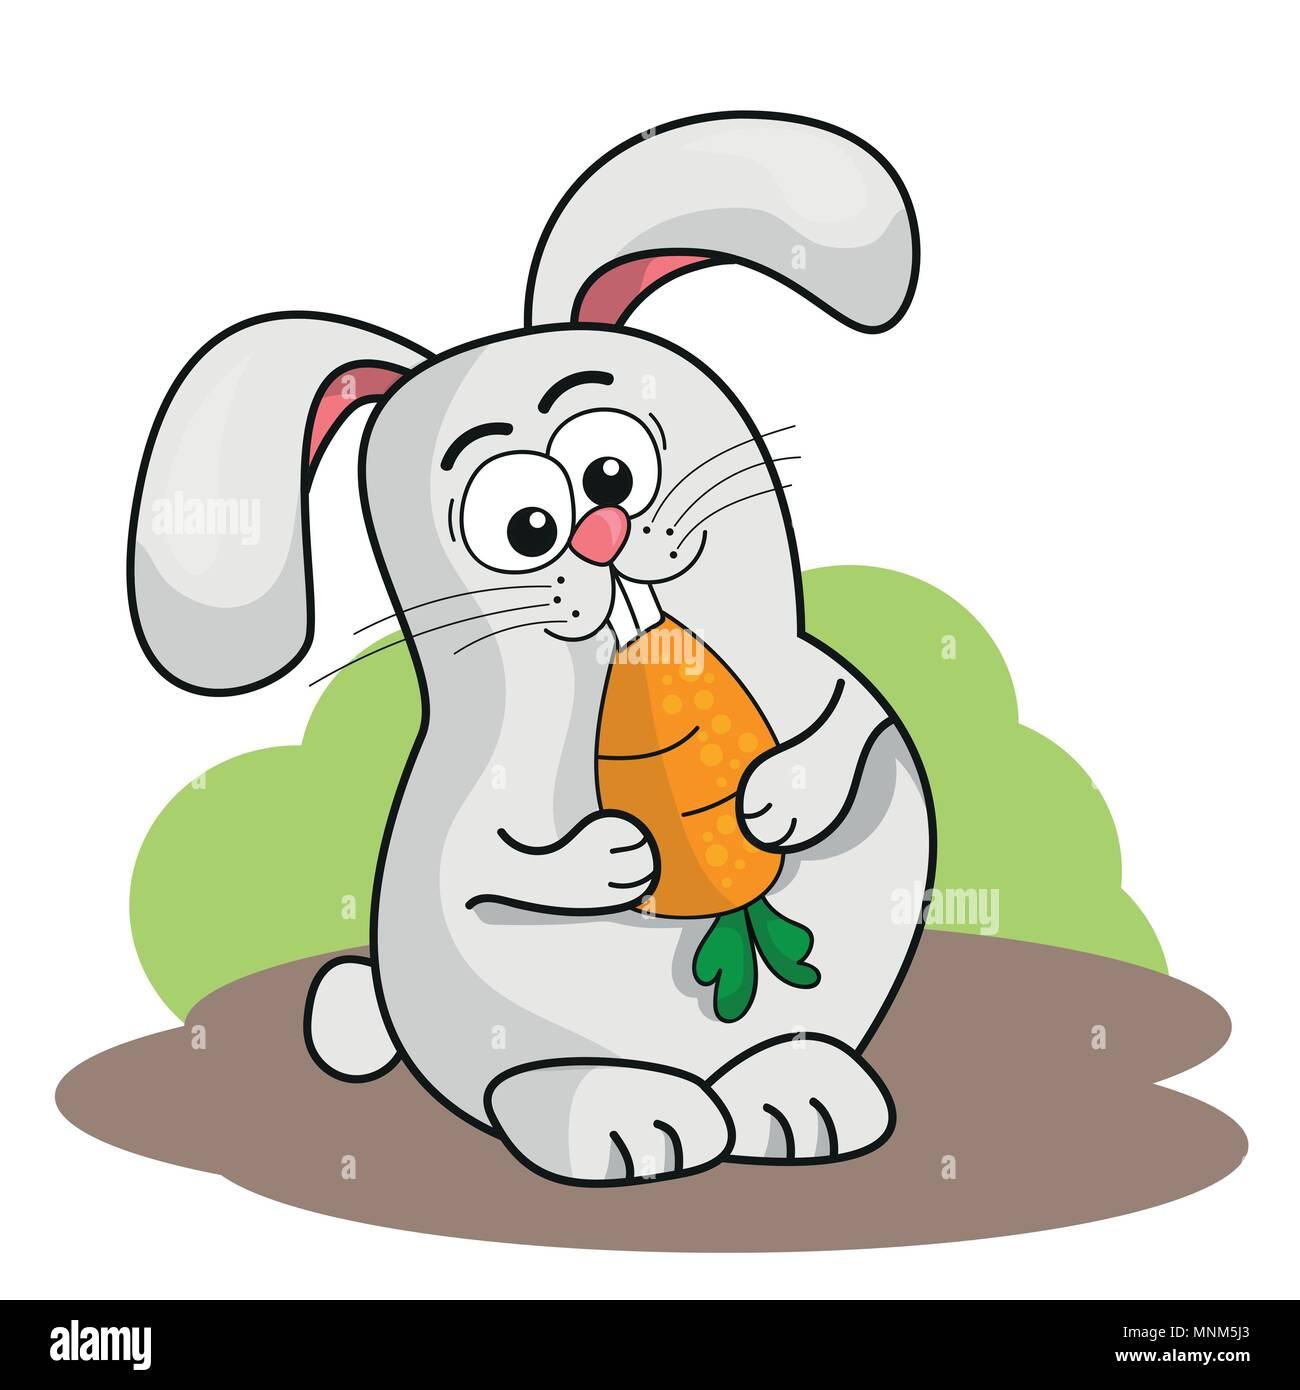 Caricatura Conejo Sosteniendo Una Zanahoria Ilustracion Vectorial Imagen Vector De Stock Alamy Dibujo de un conejo con zanahoria para pintar, colorear o imprimir. https www alamy es caricatura conejo sosteniendo una zanahoria ilustracion vectorial image185454923 html